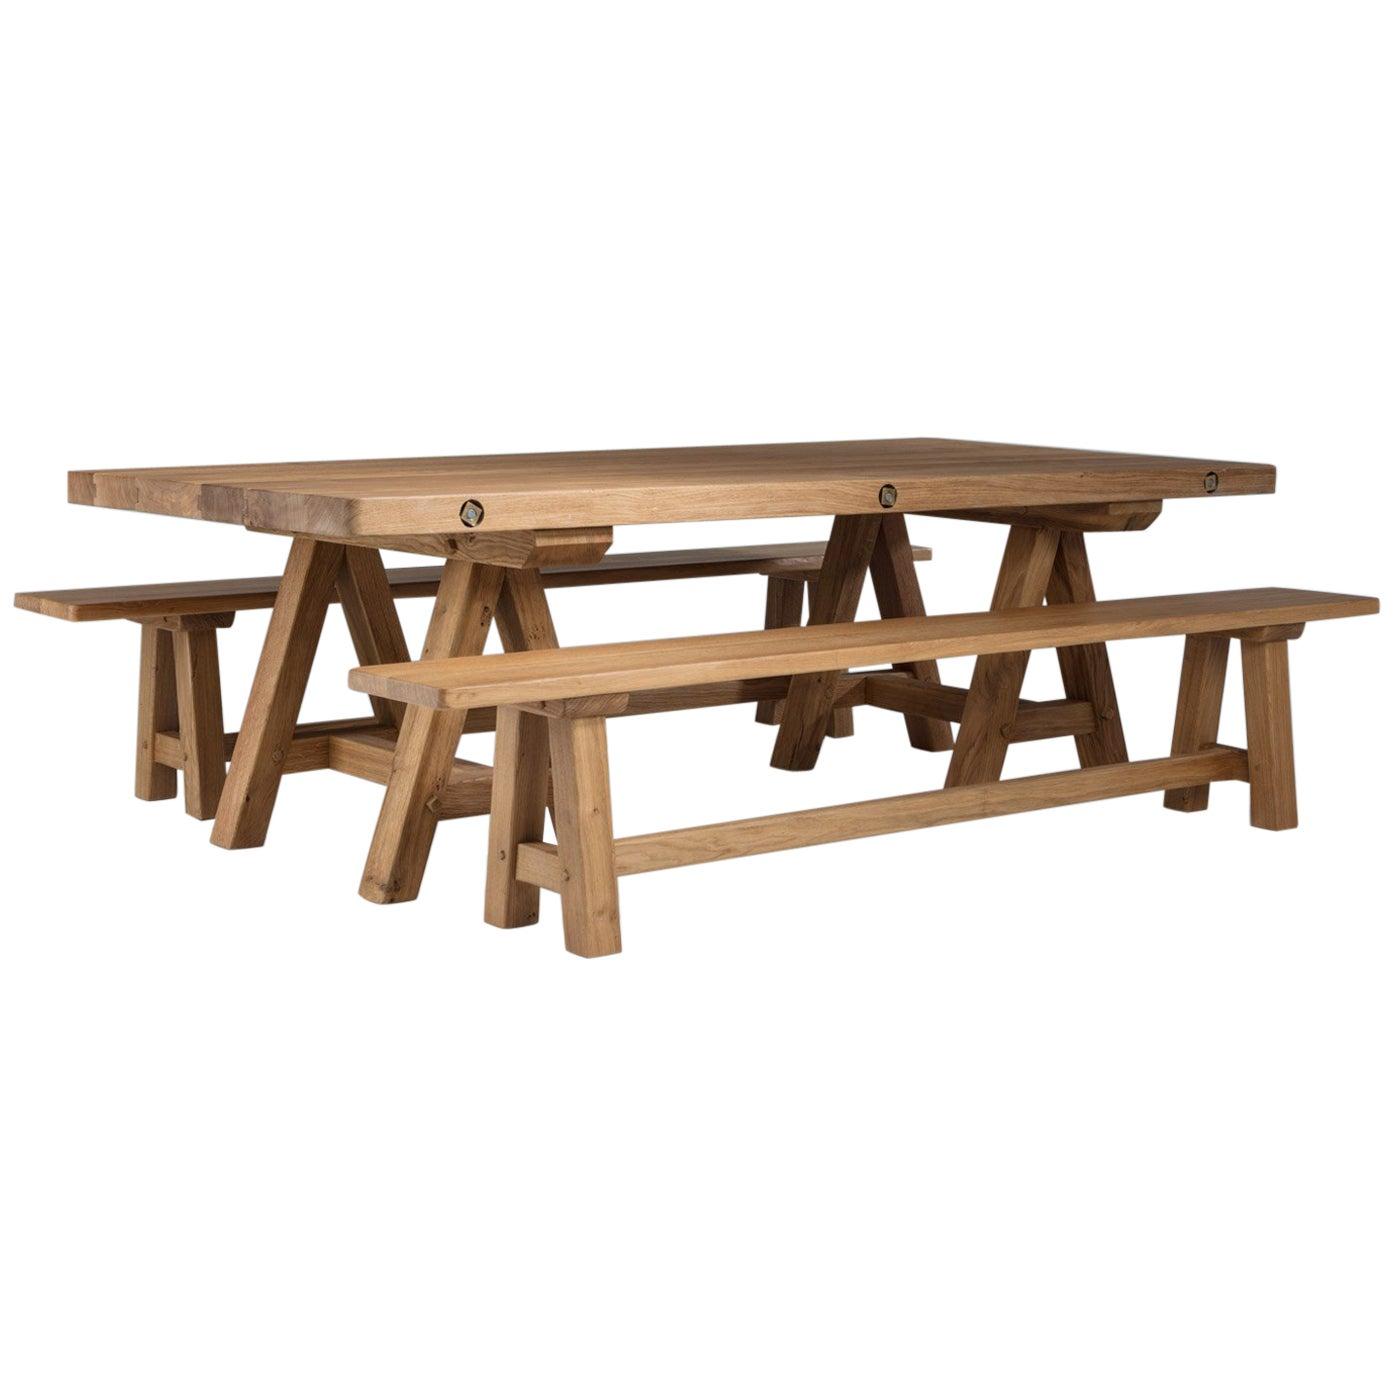 Bespoke French Oak Trestle Table